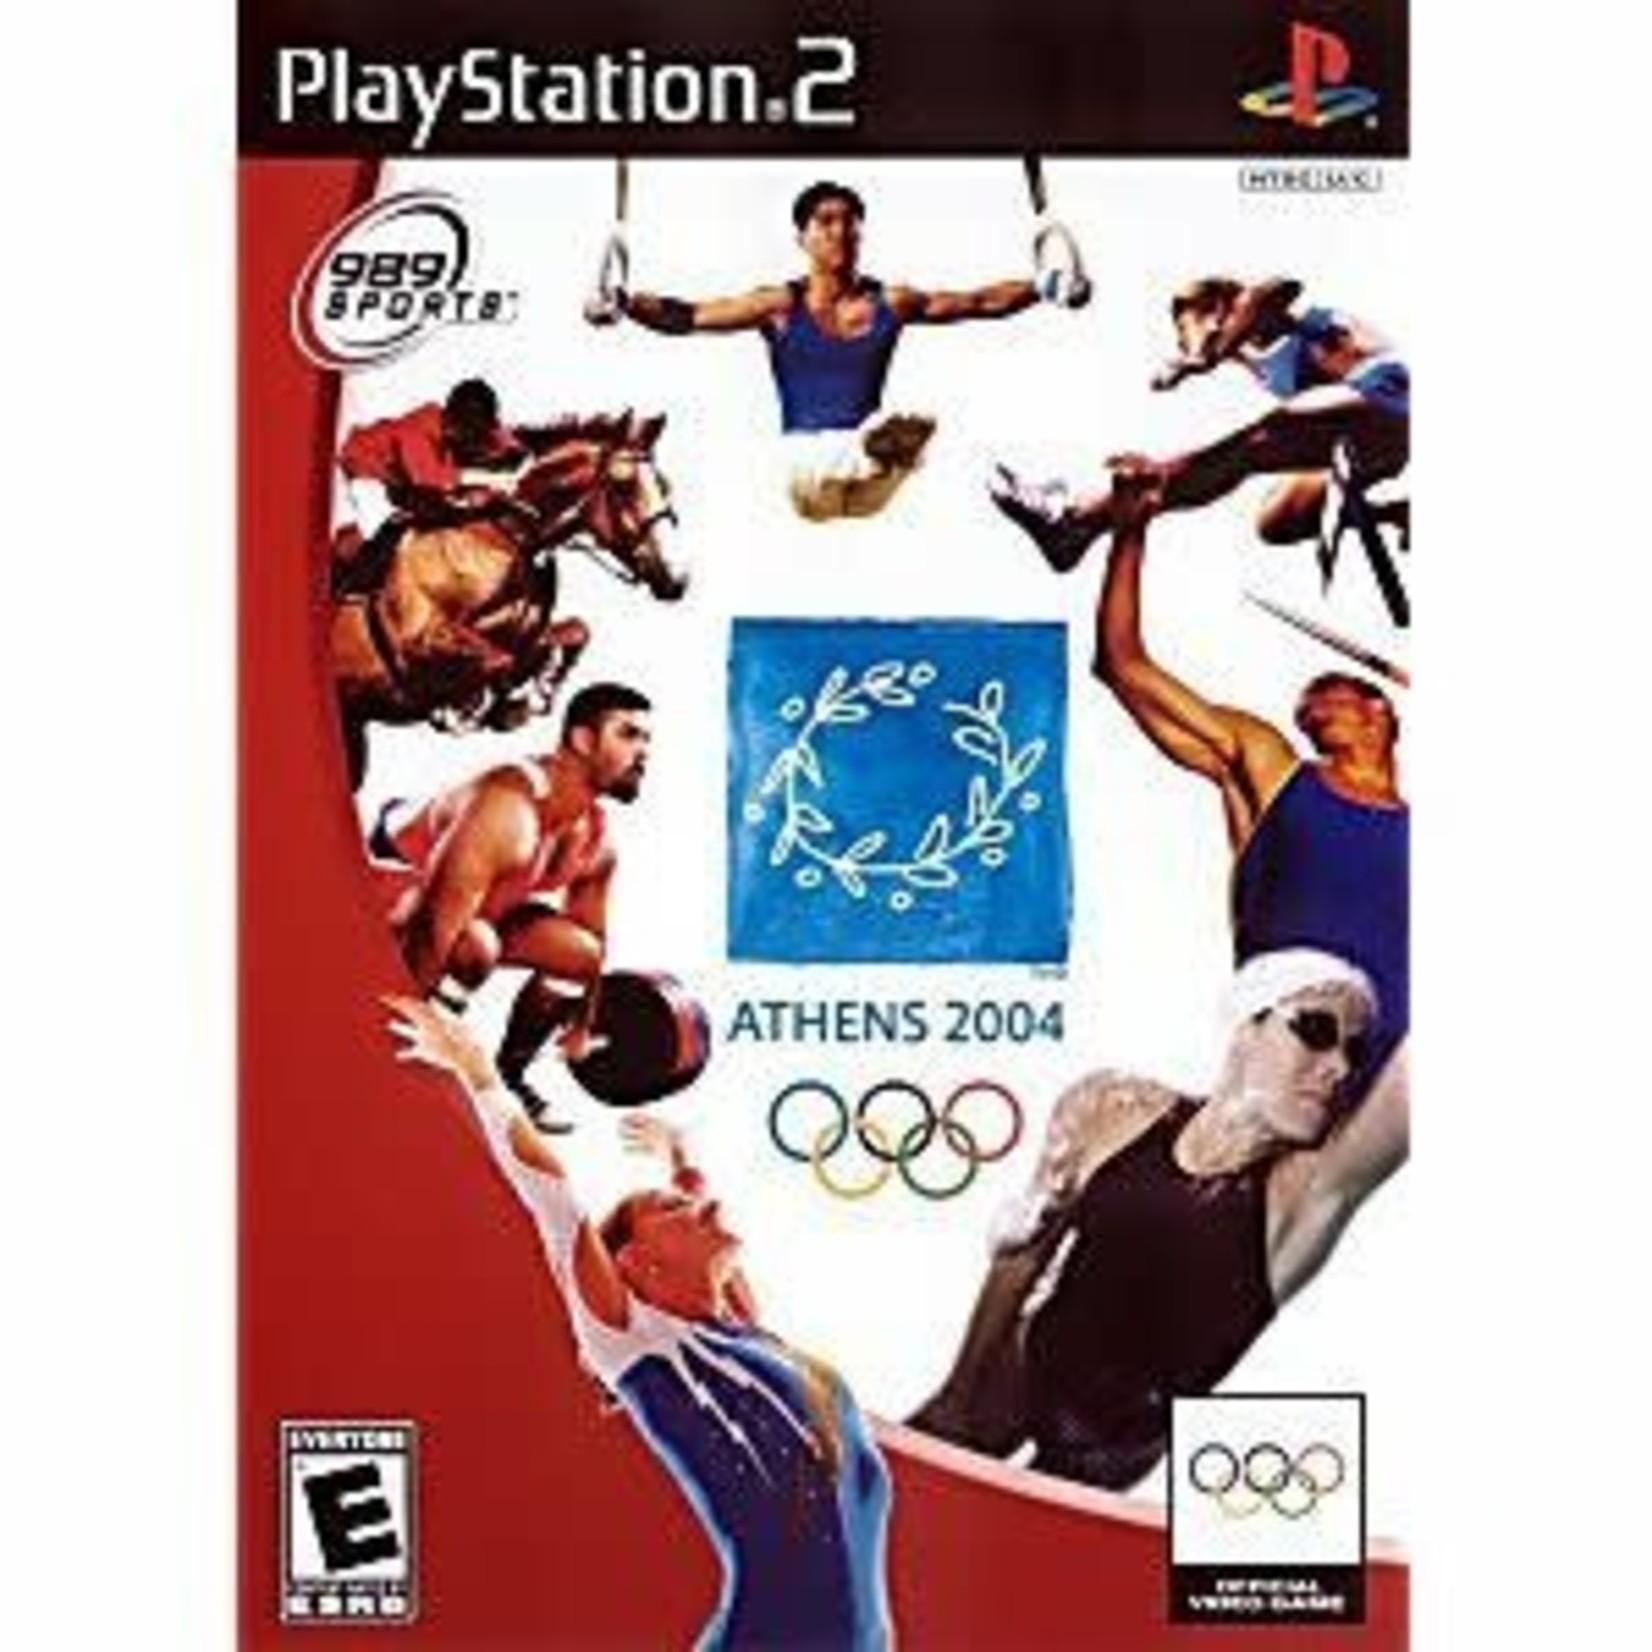 PS2U-ATHENS 2004